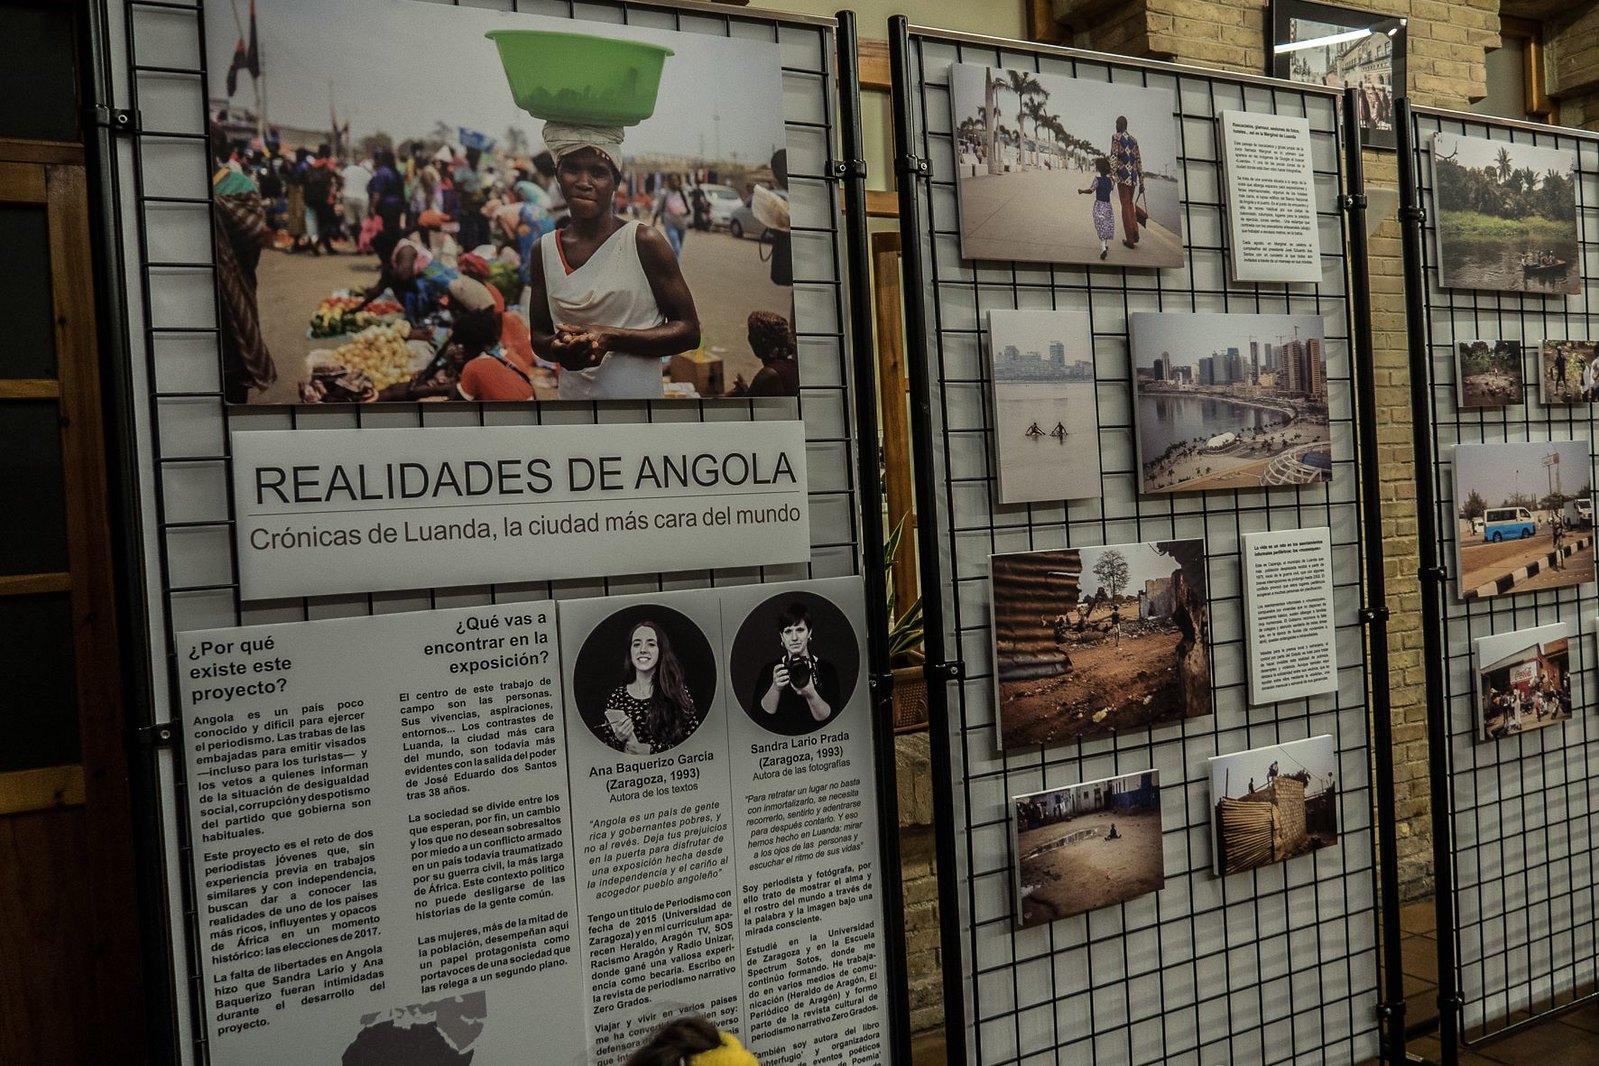 Fotos Expo Angola _ julio marín (5)